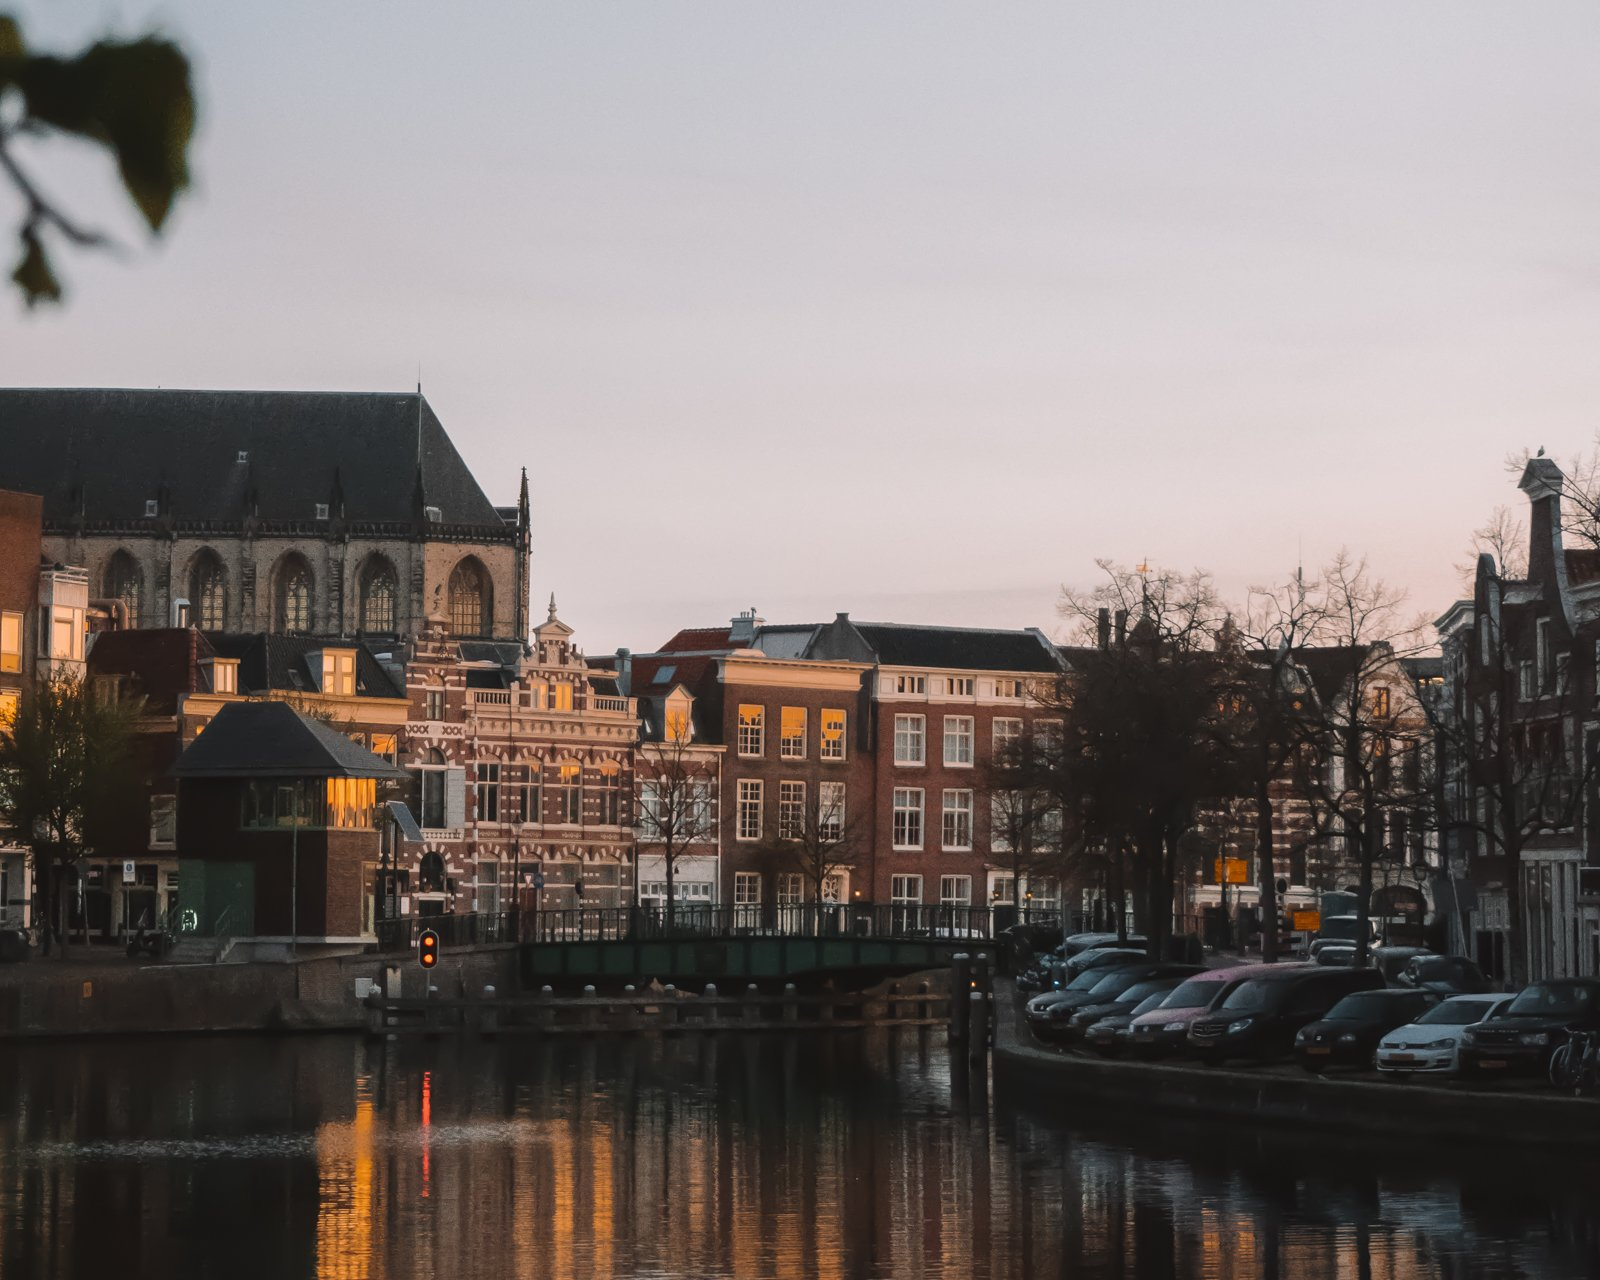 Dit zijn de leukste boutique hotels in Haarlem voor een staycation!